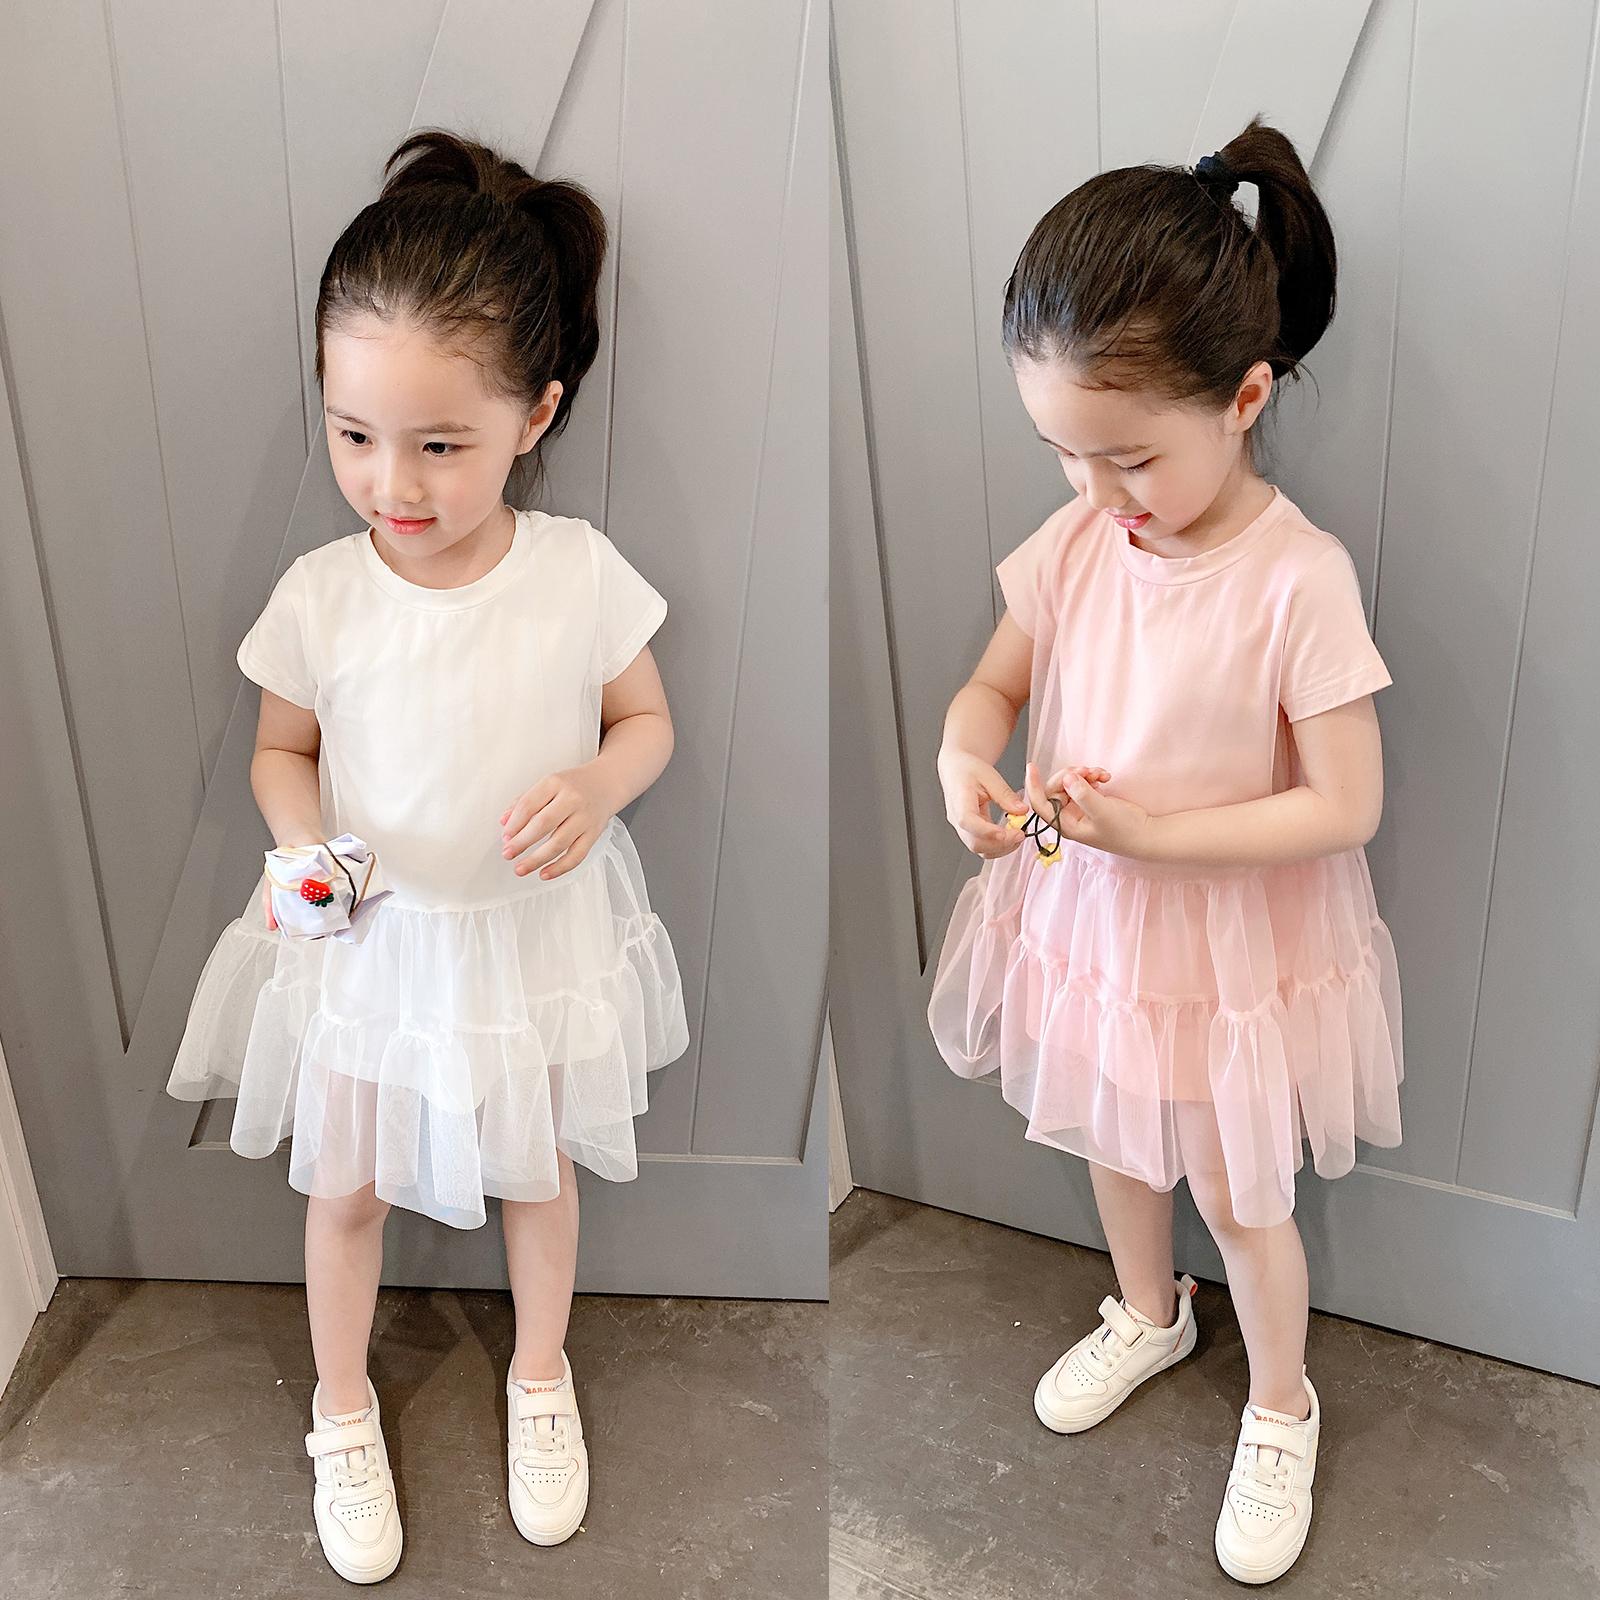 小小公主裙 儿童纯棉短袖连衣裙 女童纯色纱裙 中小童 薄款 夏款